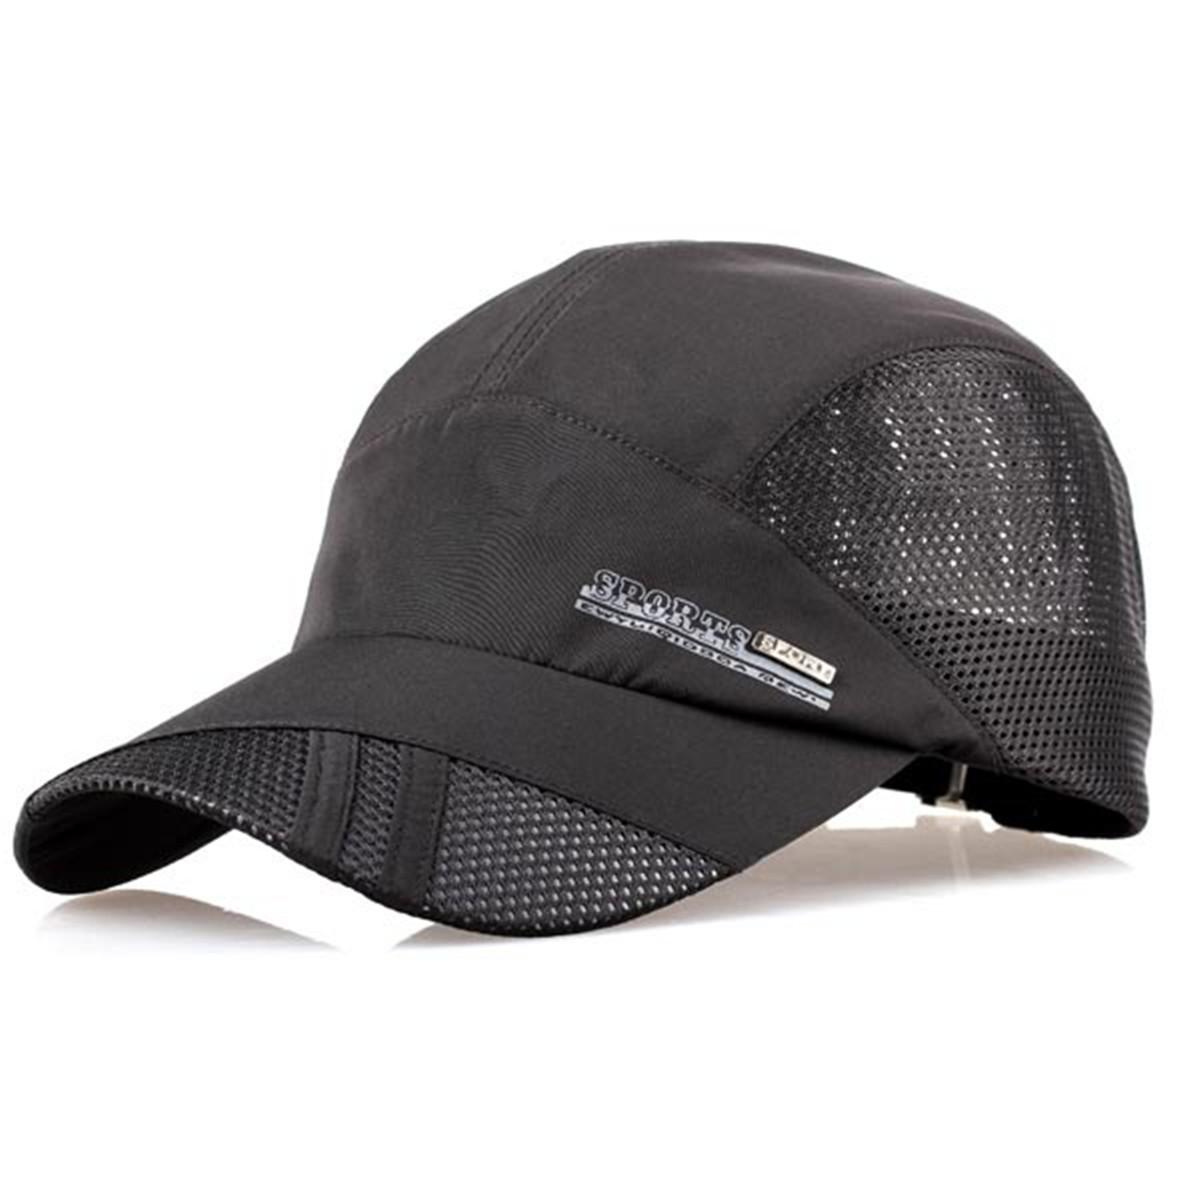 summer outdoor adjustable sport baseball mesh